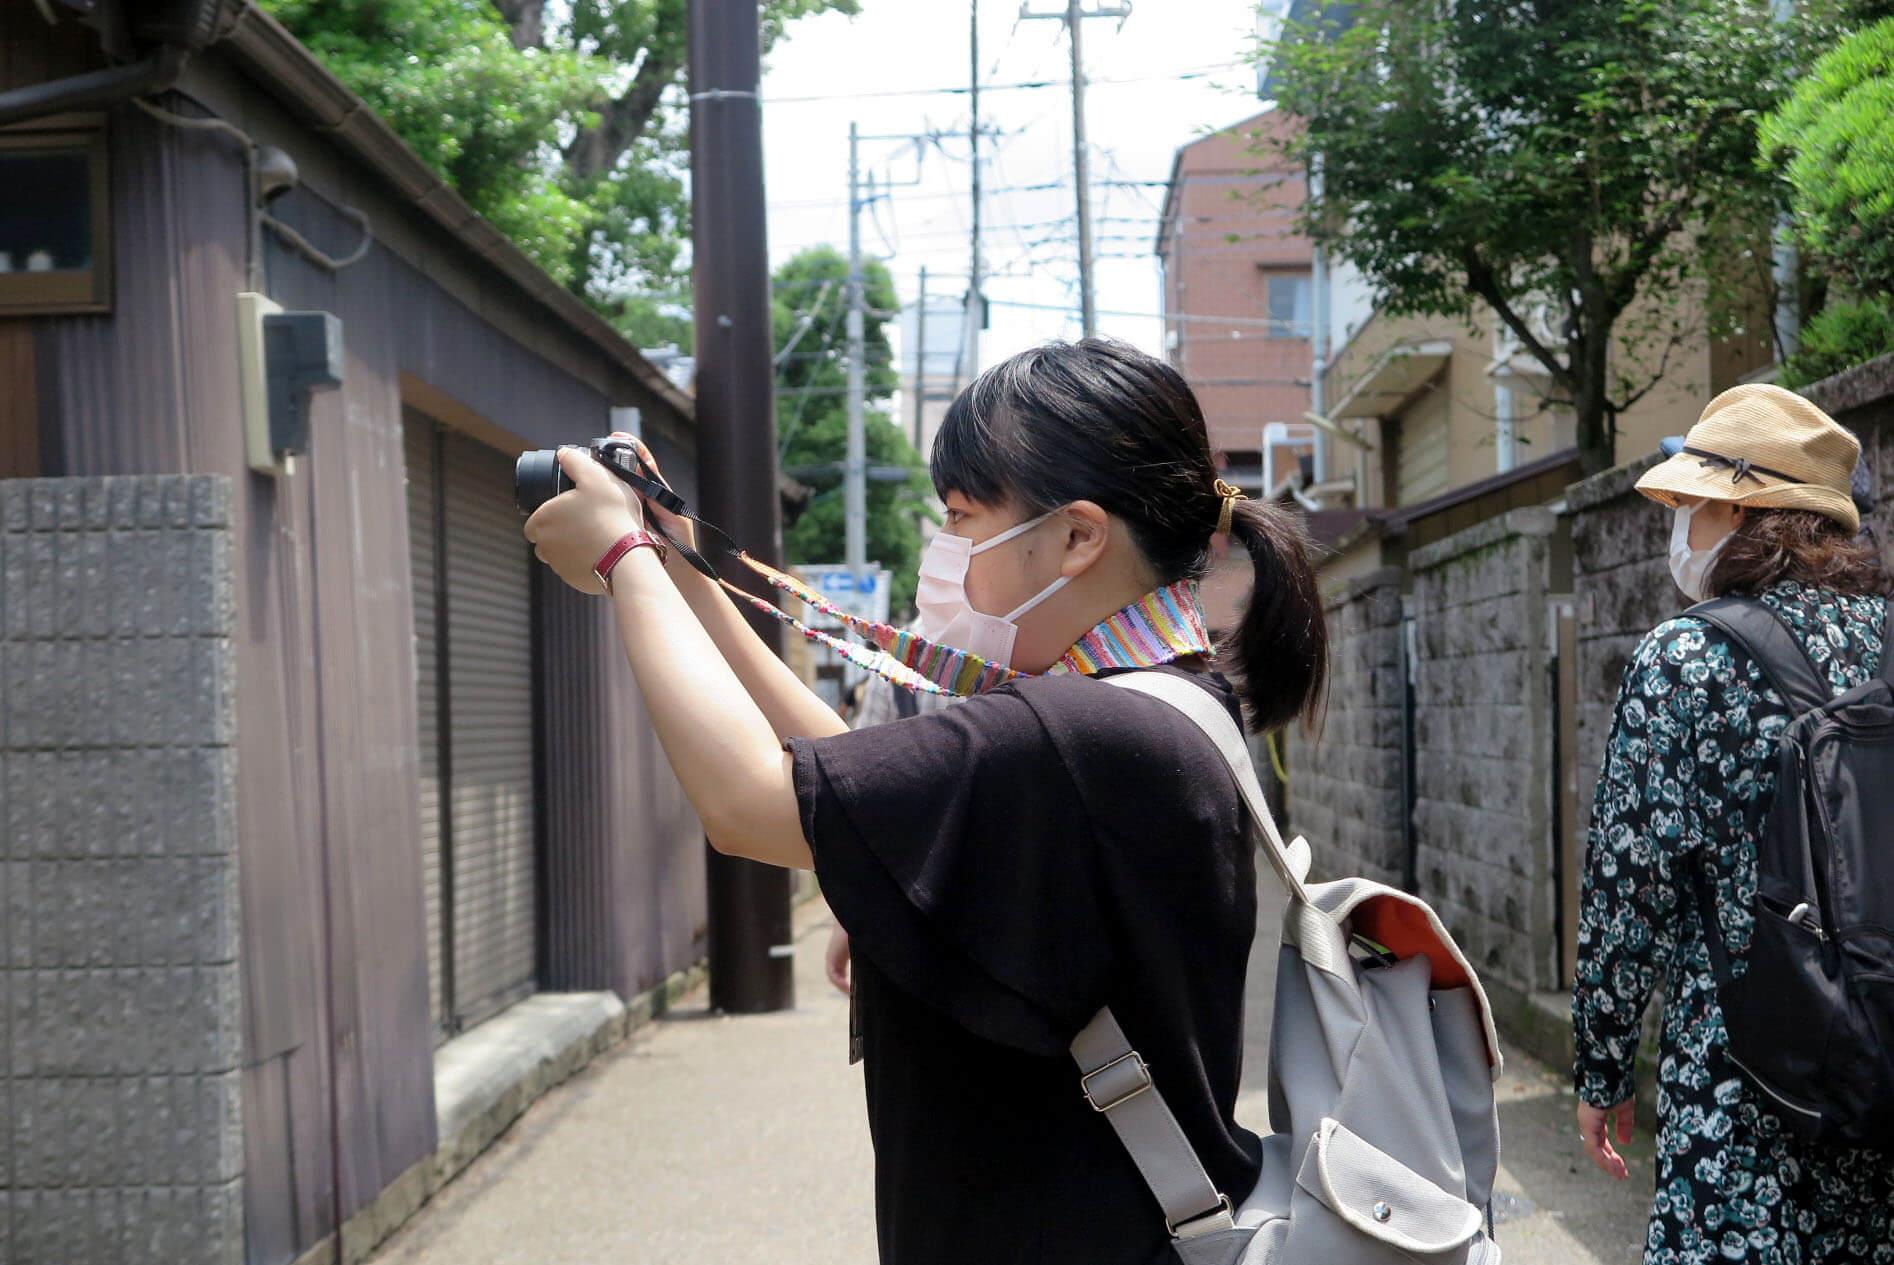 ローカルWEBメディア・地域サイト 草加ローカルストーリー 草加カメラ部 草加レポート 旧日光街道への道